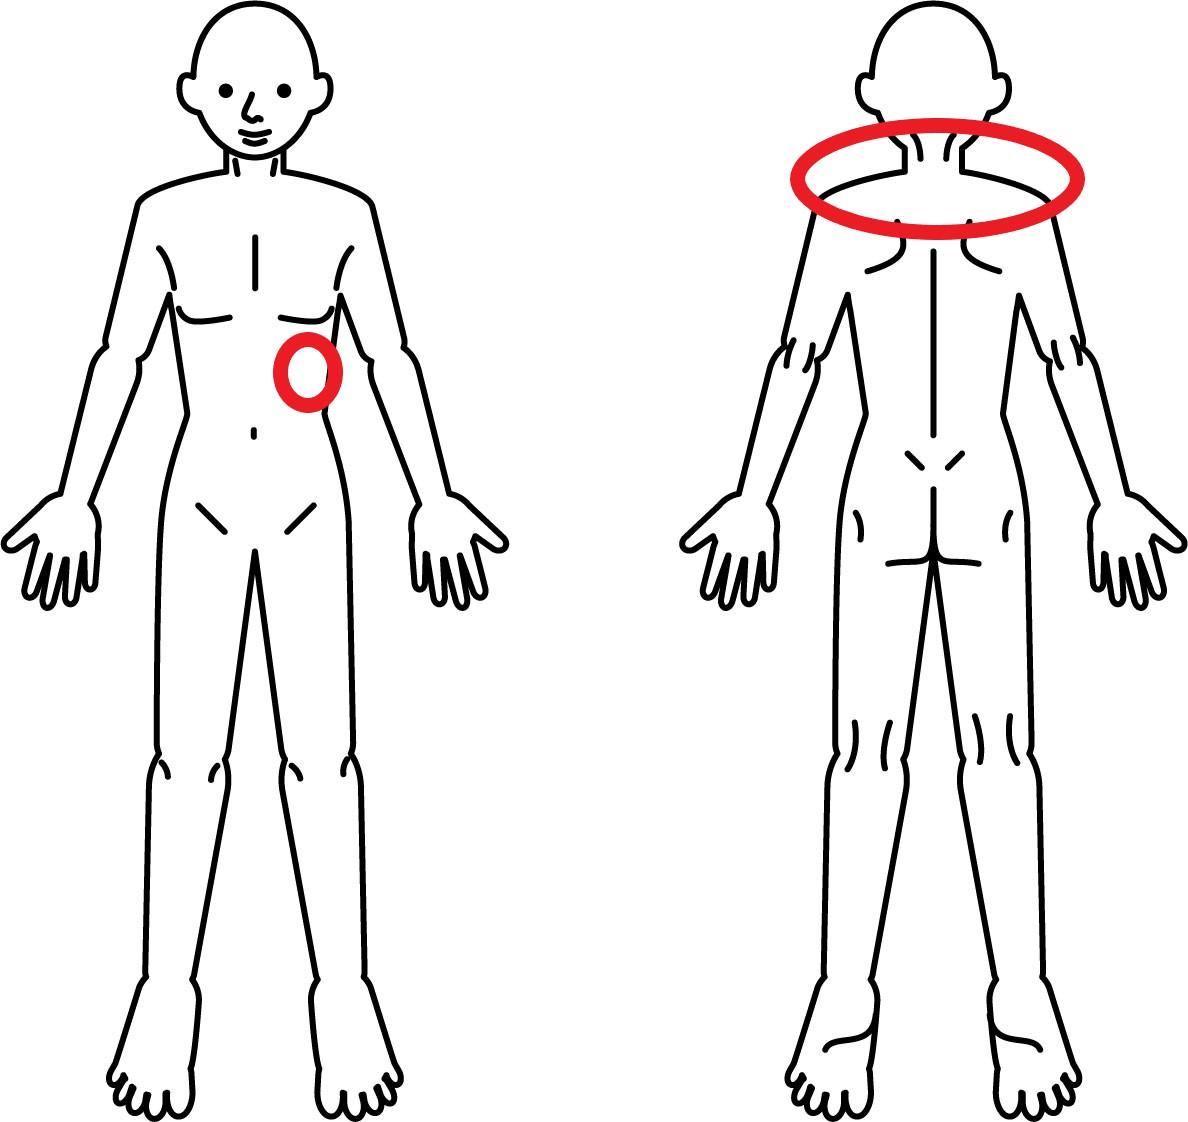 痛い が の 左 下 肋骨